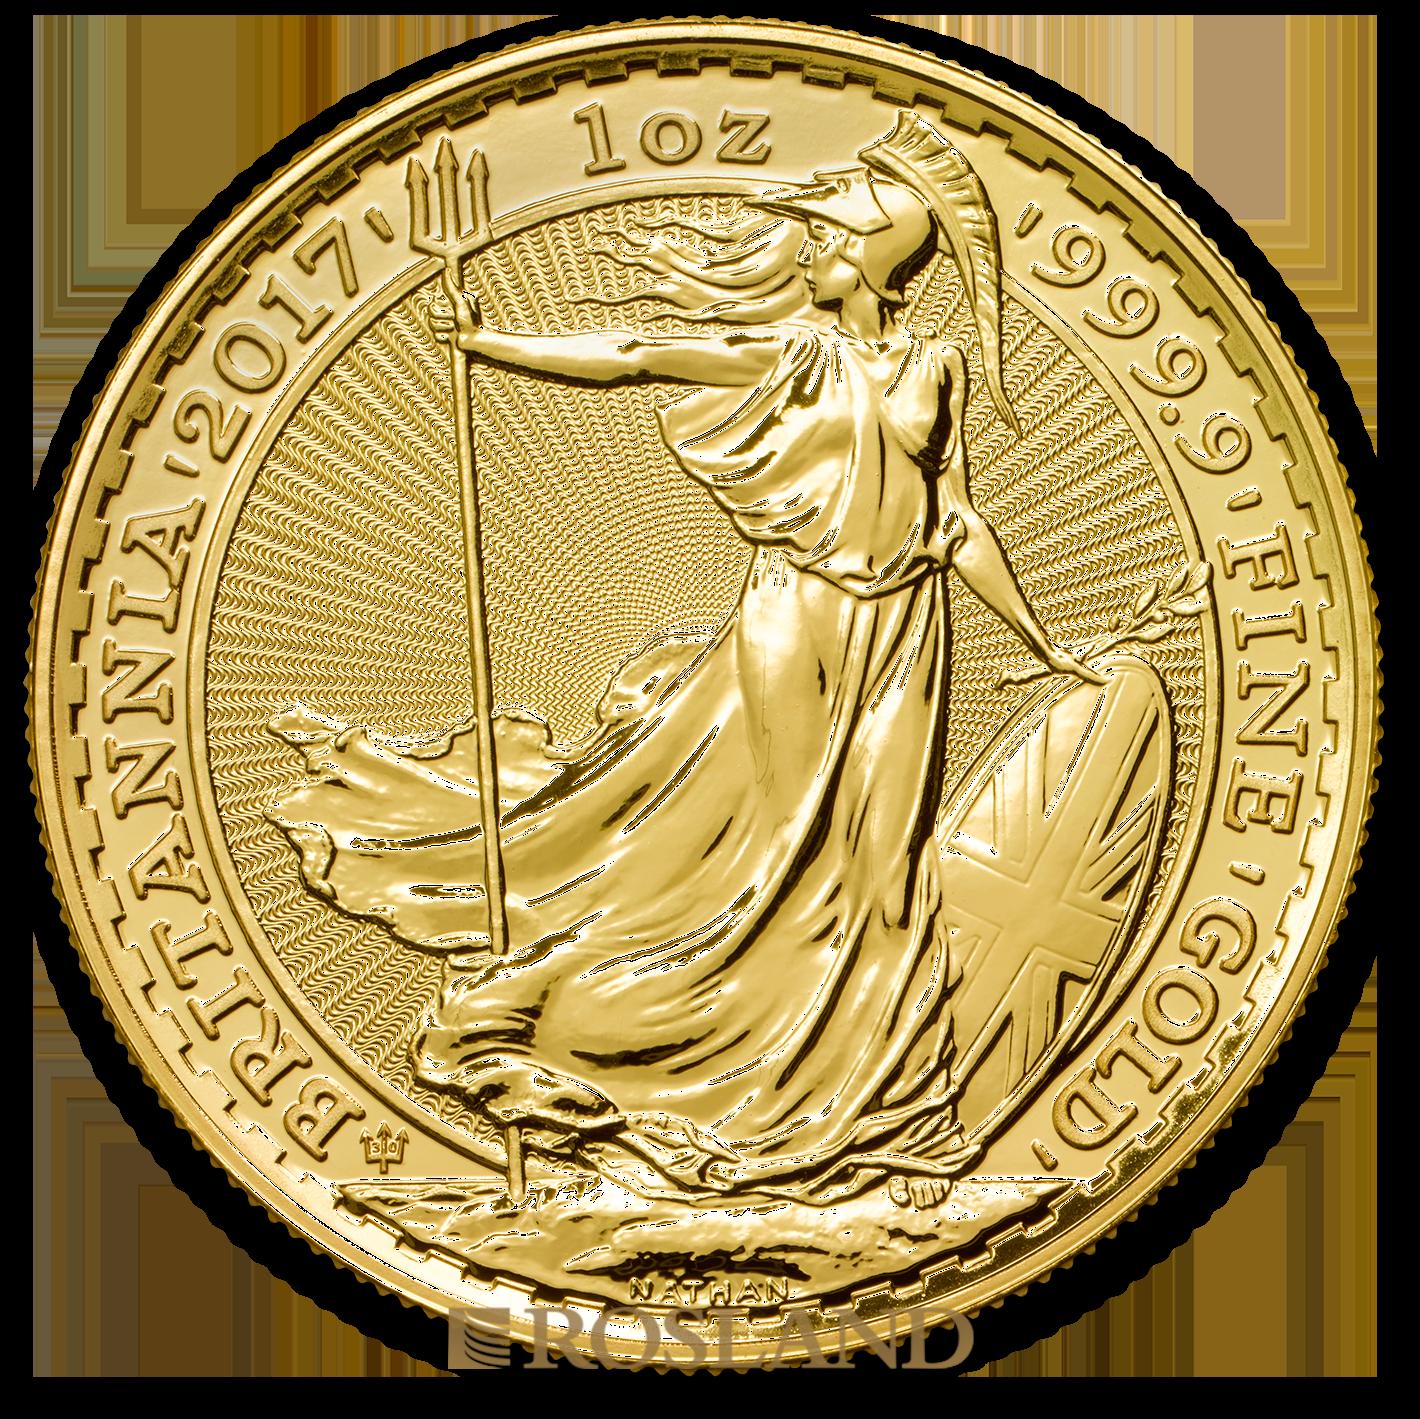 1 Unze Goldmünze Britannia 2017 - 30 Jahre Jubiläum